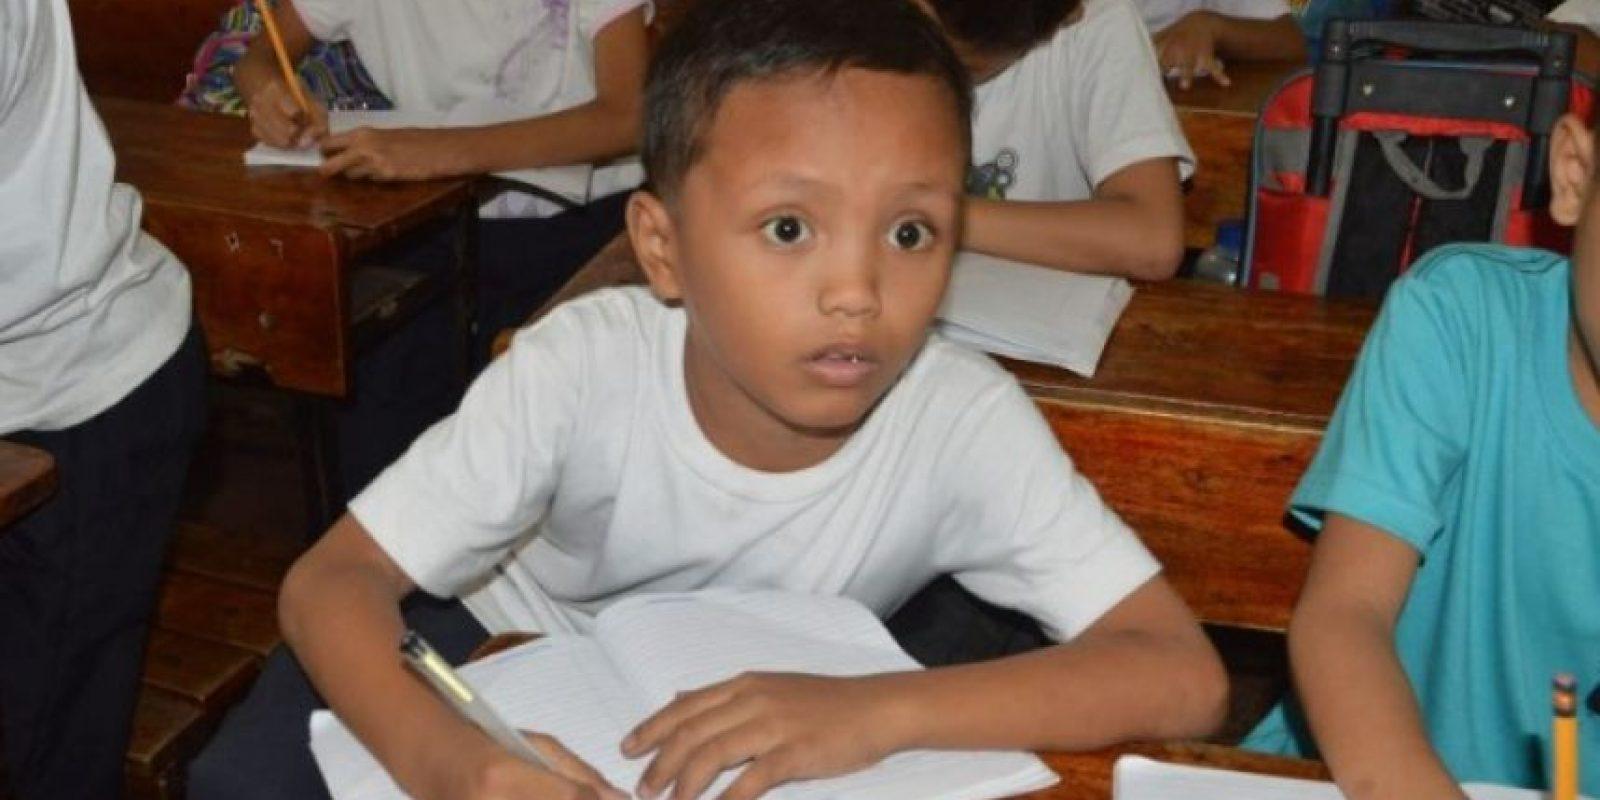 Como reacción a la fotografía, el menor recibió becas para continuar sus estudios Foto:AFP